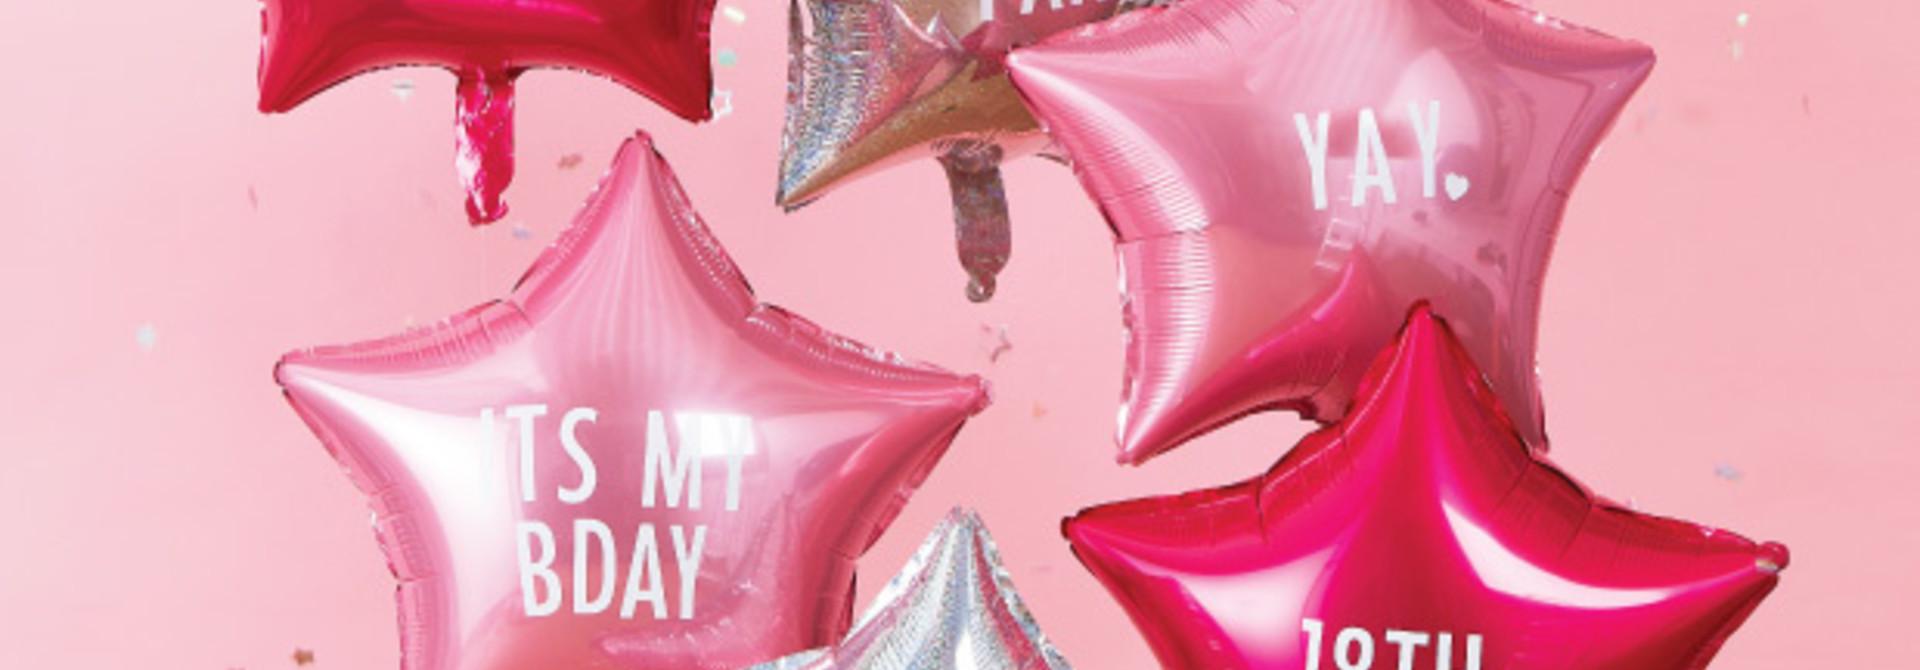 Folieballonnen met stickers (6 st) Stargazer Ginger Ray